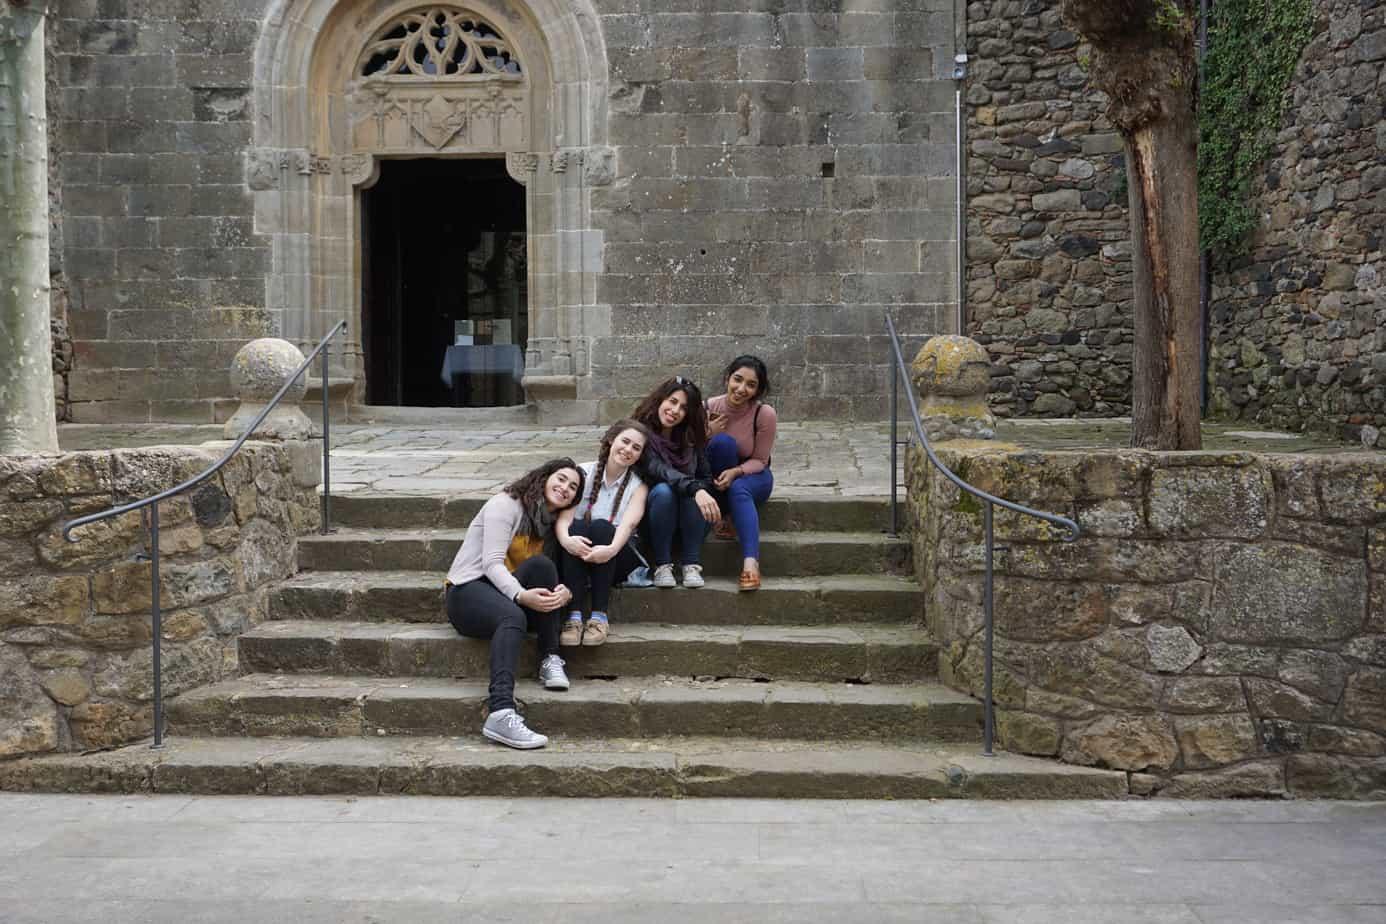 A Surreal Visit to Dali's Castle of Púbol - endless distances